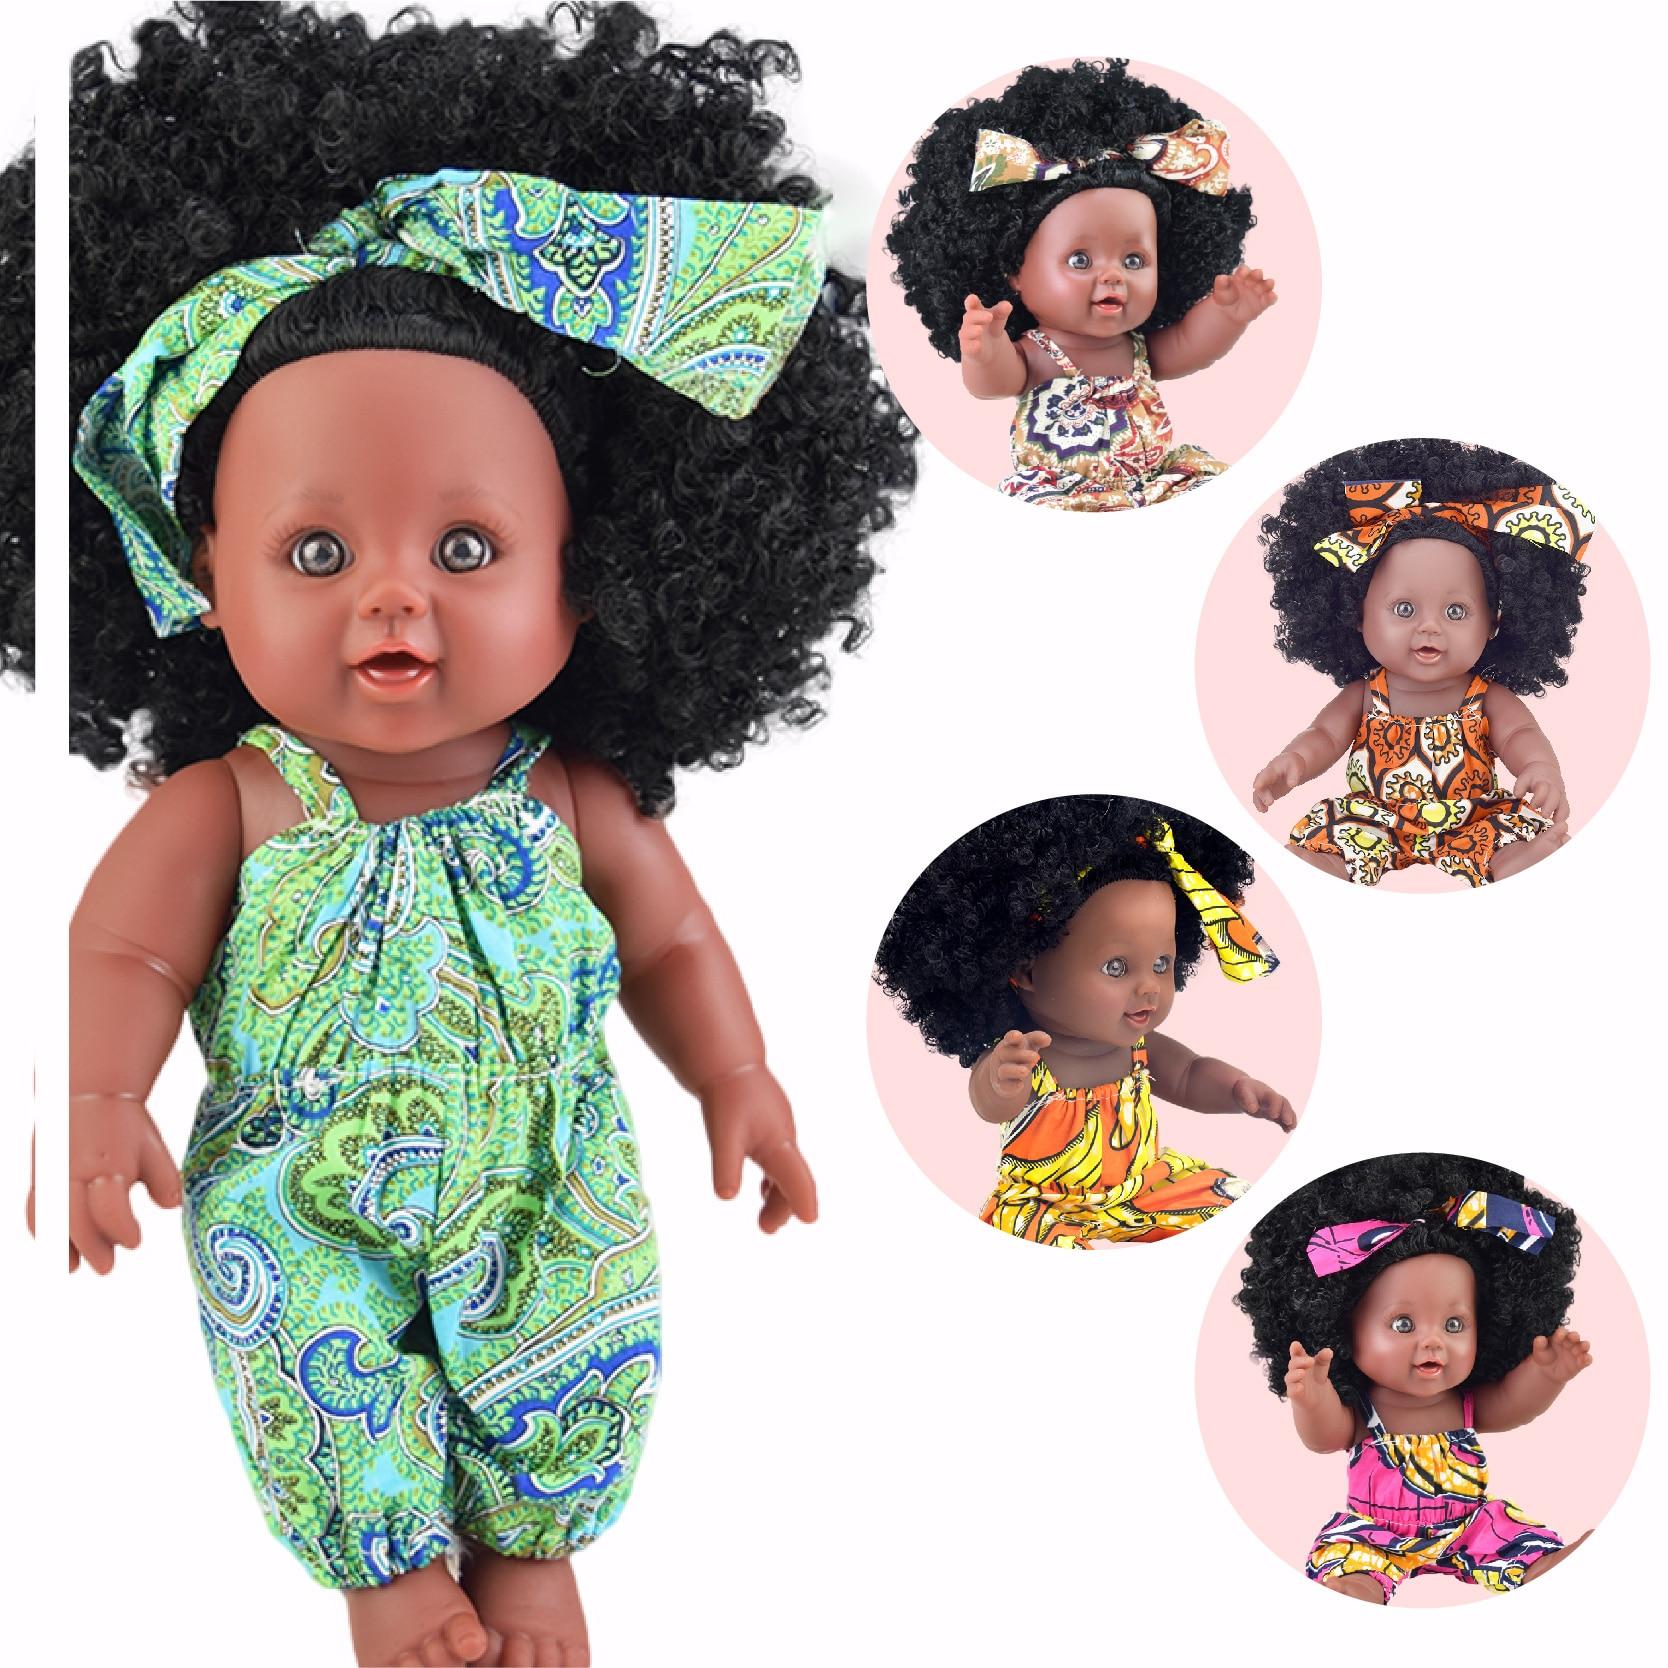 Bonecas de bebê preto pop verde africano! 12 polegada lol silicone reborn vinil 30cm recém-nascido pupee boneca bebê brinquedo macio menina criança todder